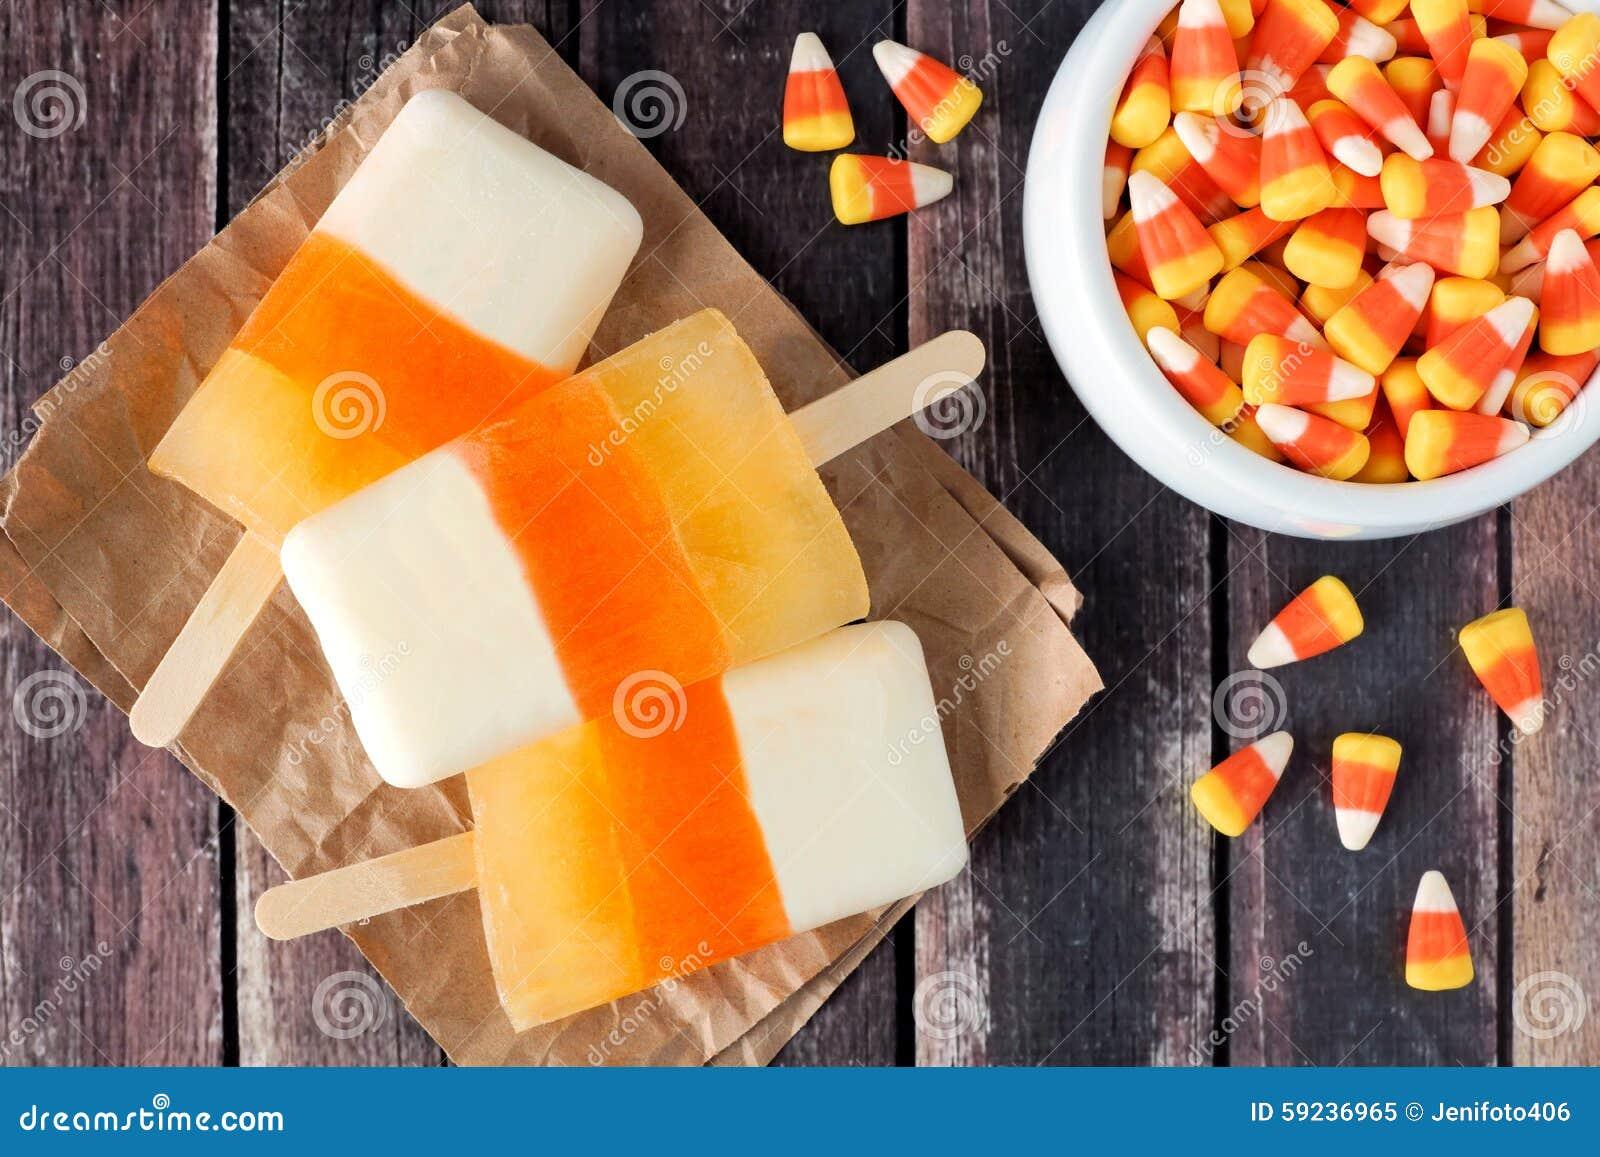 Polos de las pastillas de caramelo de Halloween en fondo de madera rústico